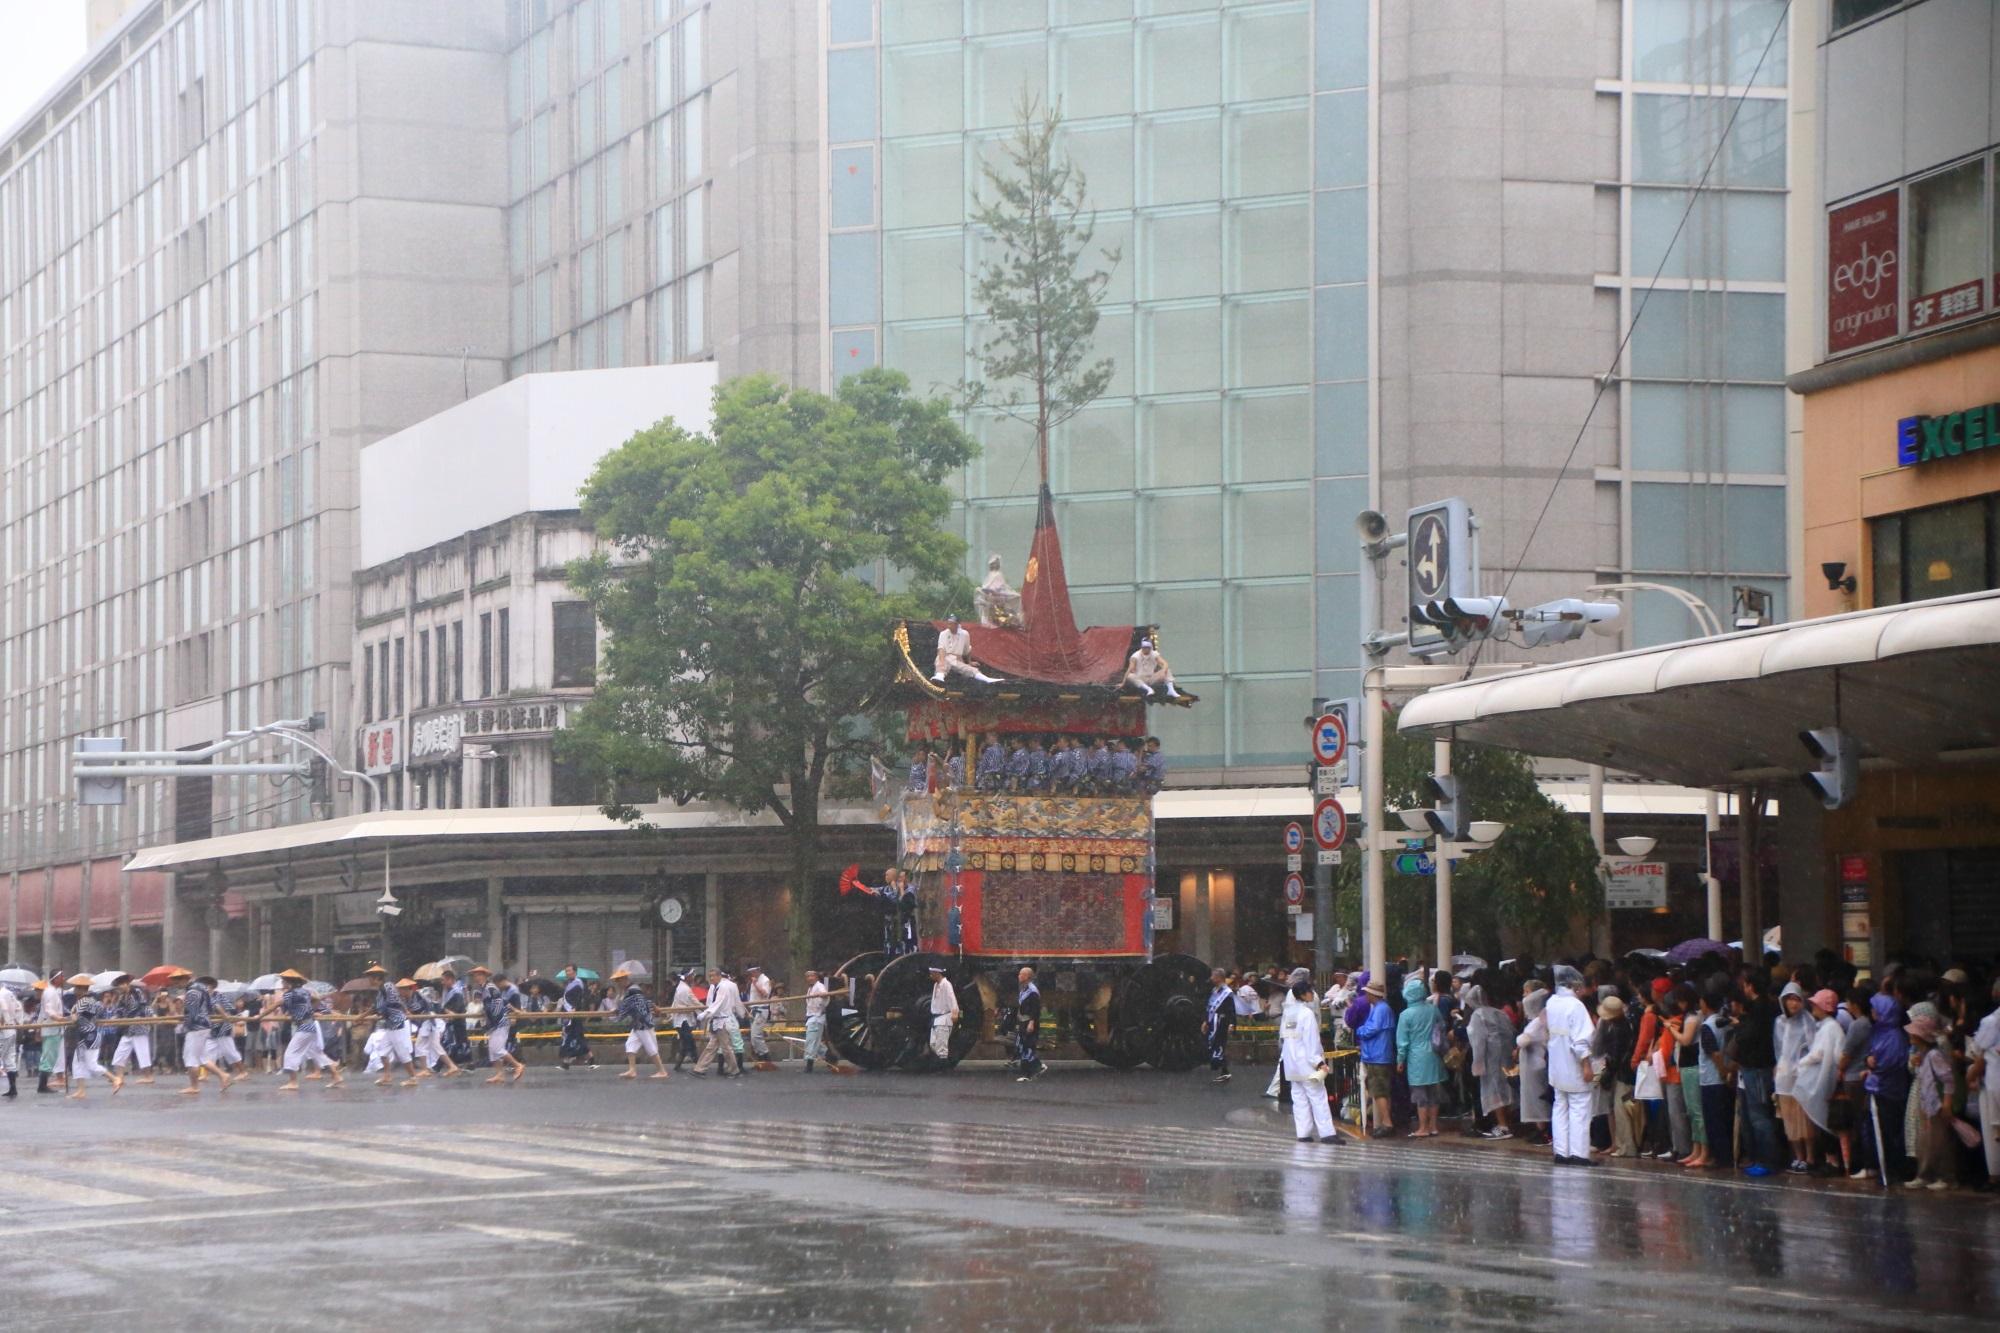 祇園祭の山鉾巡行の岩戸山(いわとやま)